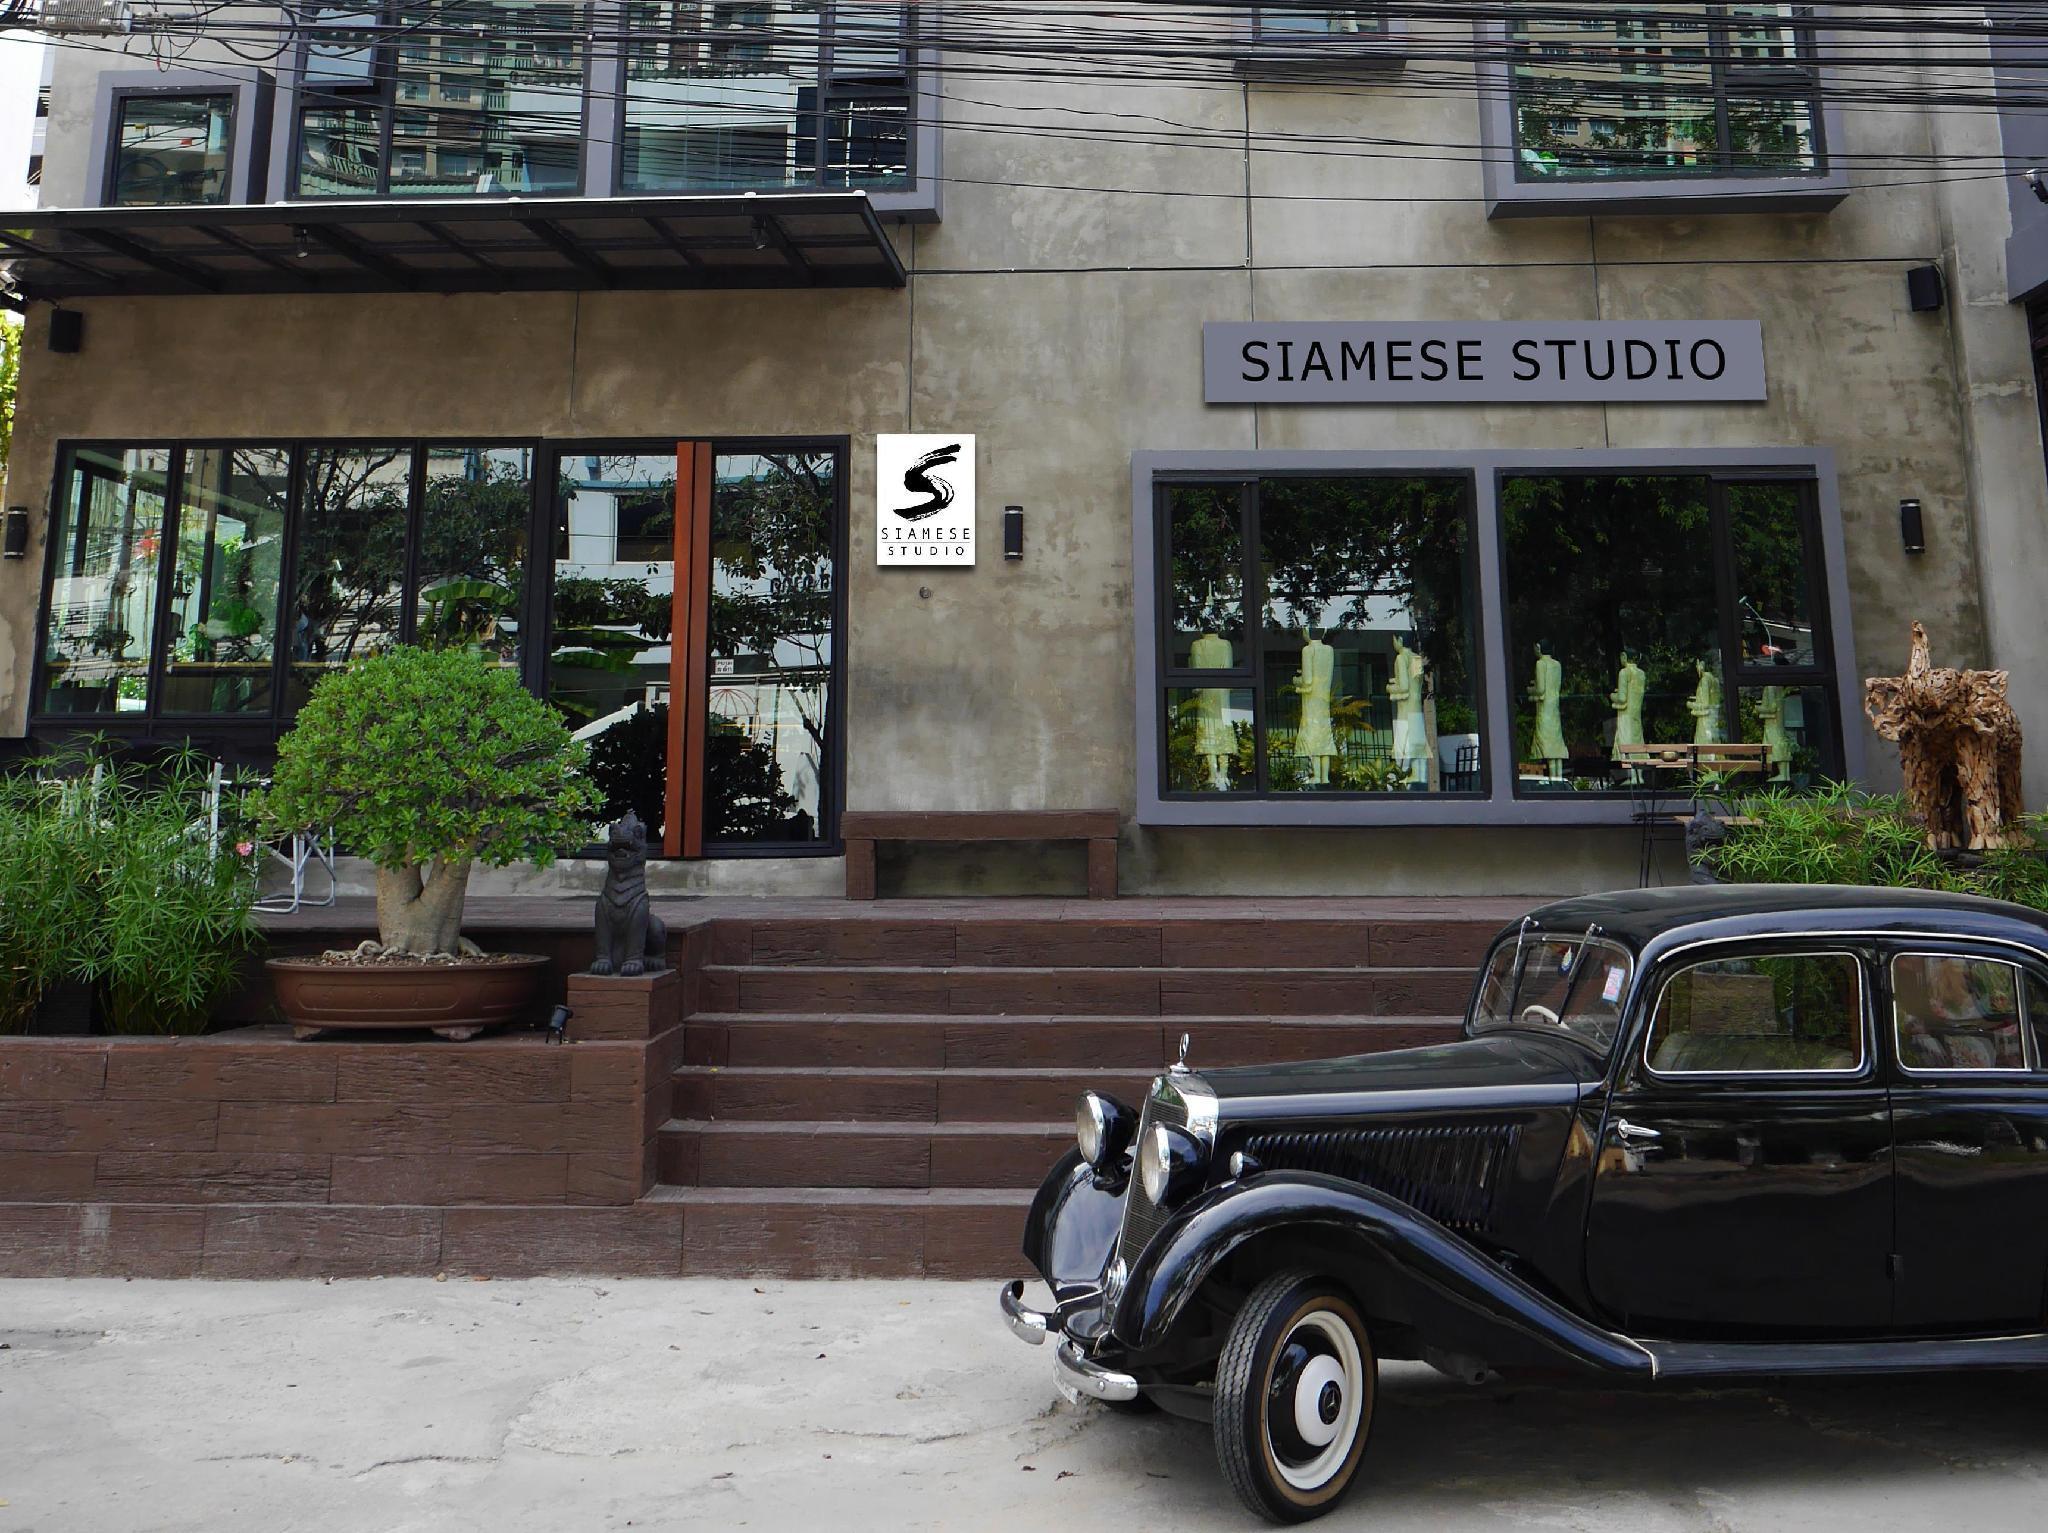 Siamese Studio